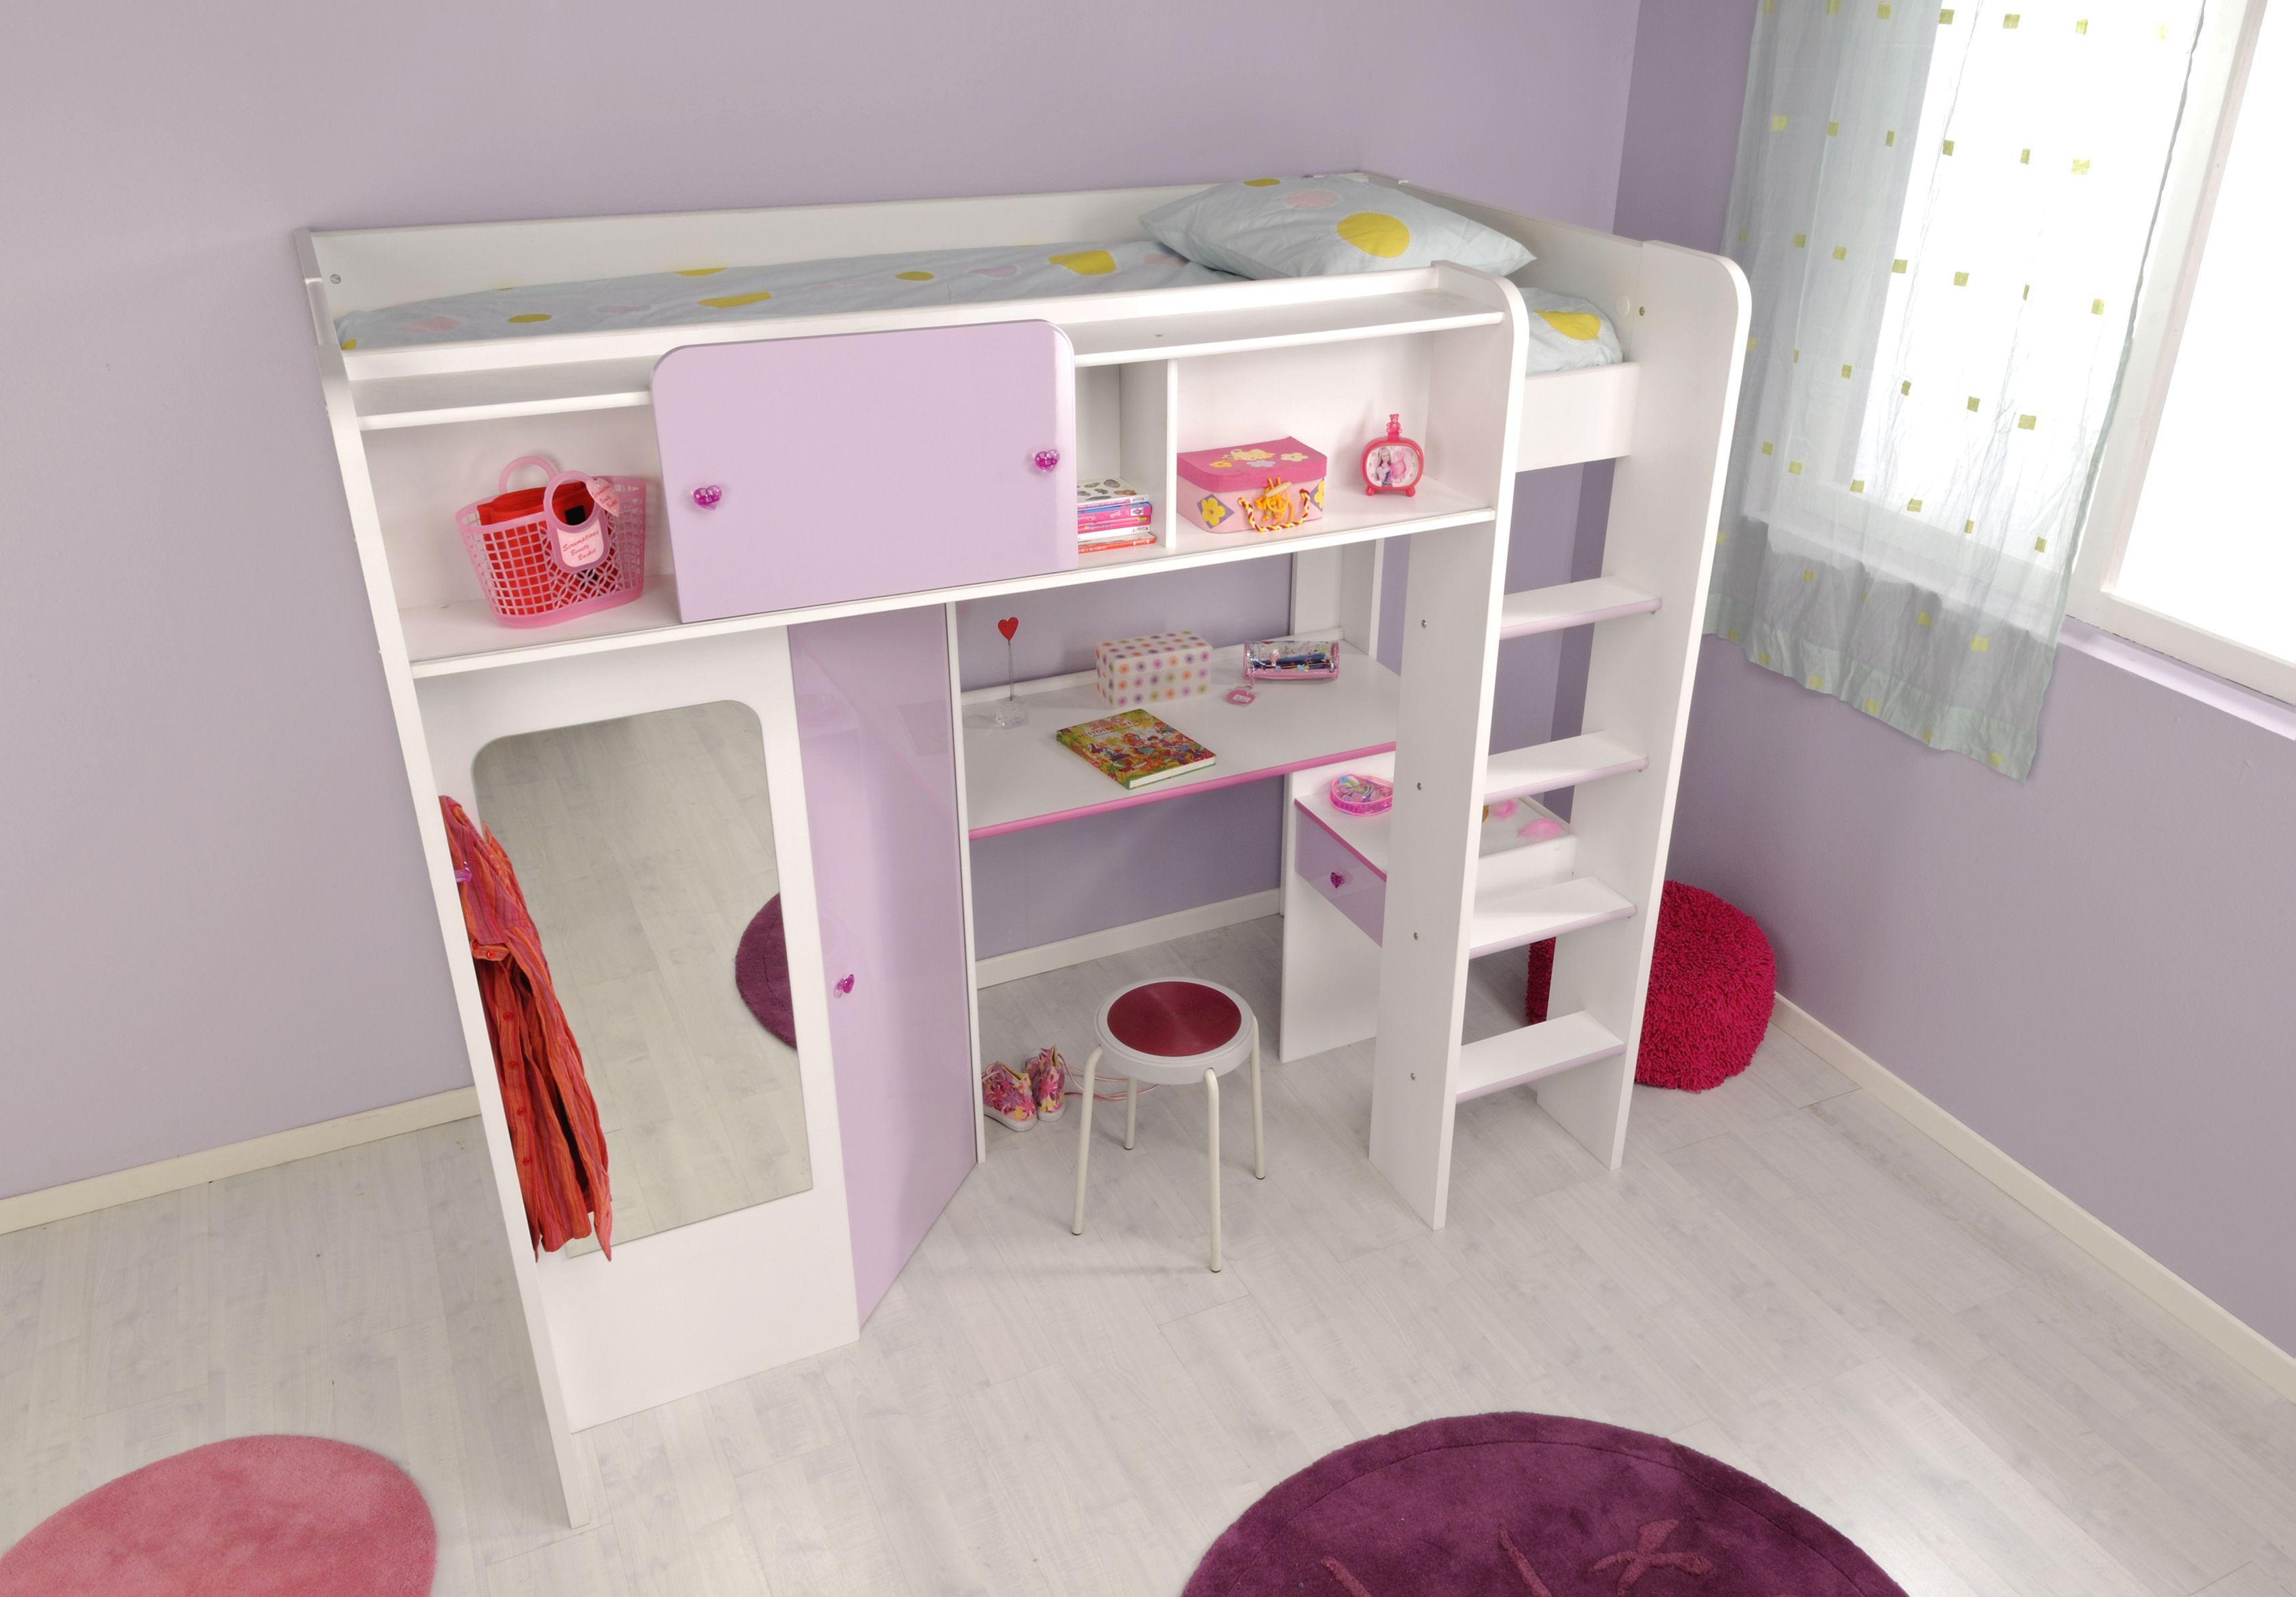 Hochbett Etagenbett Mit Schreibtisch : Kinderzimmer mädchenecke hochbett mit kleiderschrank schreibtisch